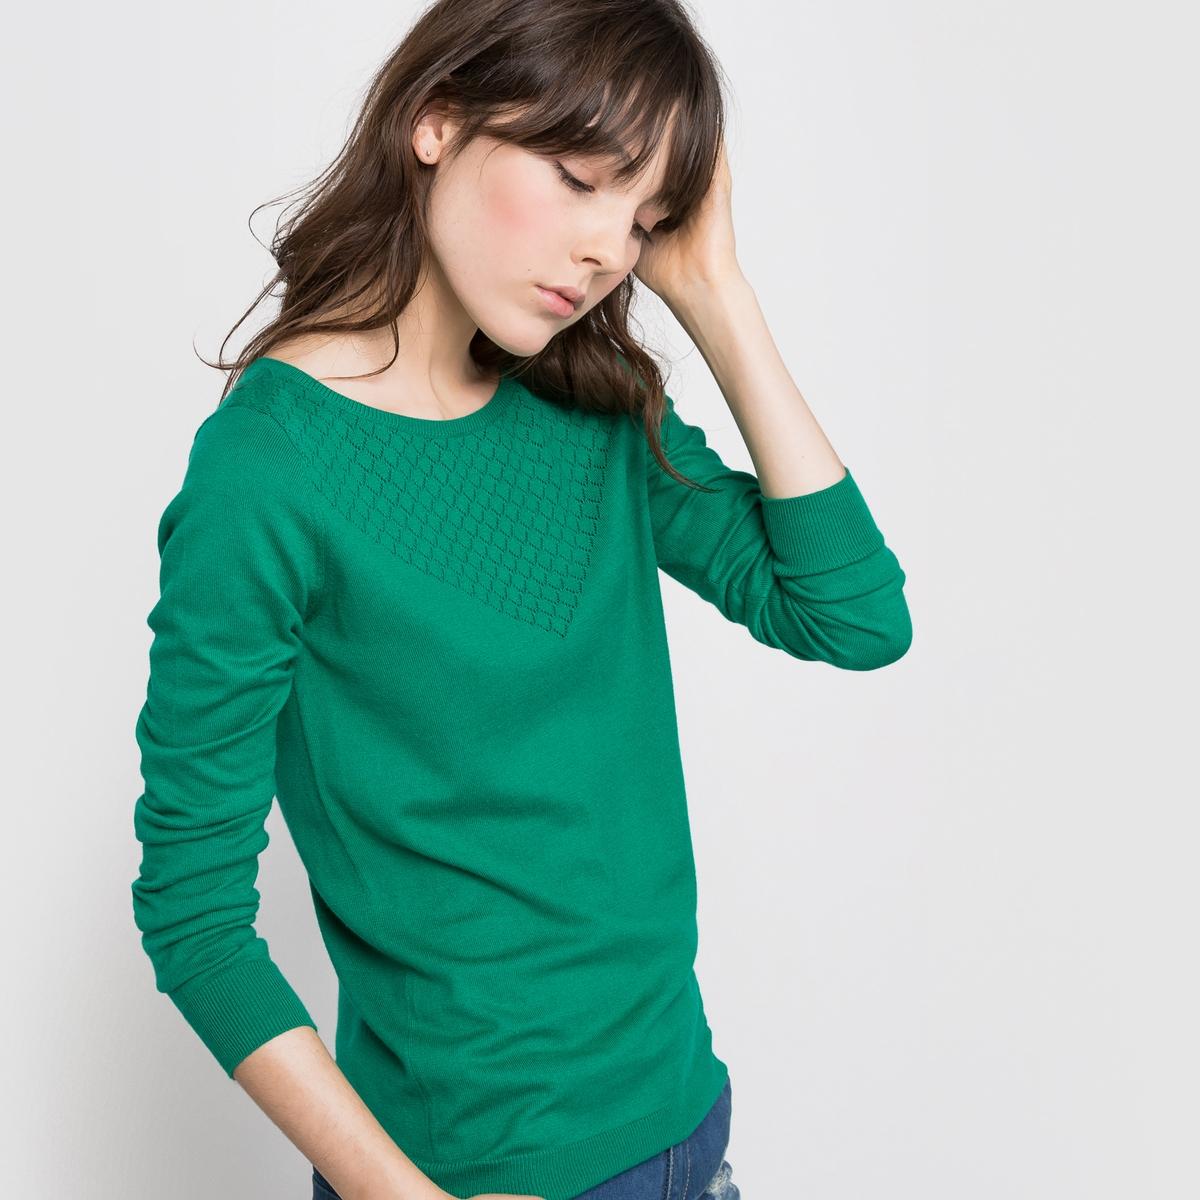 Пуловер с круглым вырезом и вышивкойПуловер Круглый вырез Длинные рукава Вышивка под вырезом Края связаны резинкой Длина 62 см<br><br>Цвет: зеленый<br>Размер: 46/48 (FR) - 52/54 (RUS)